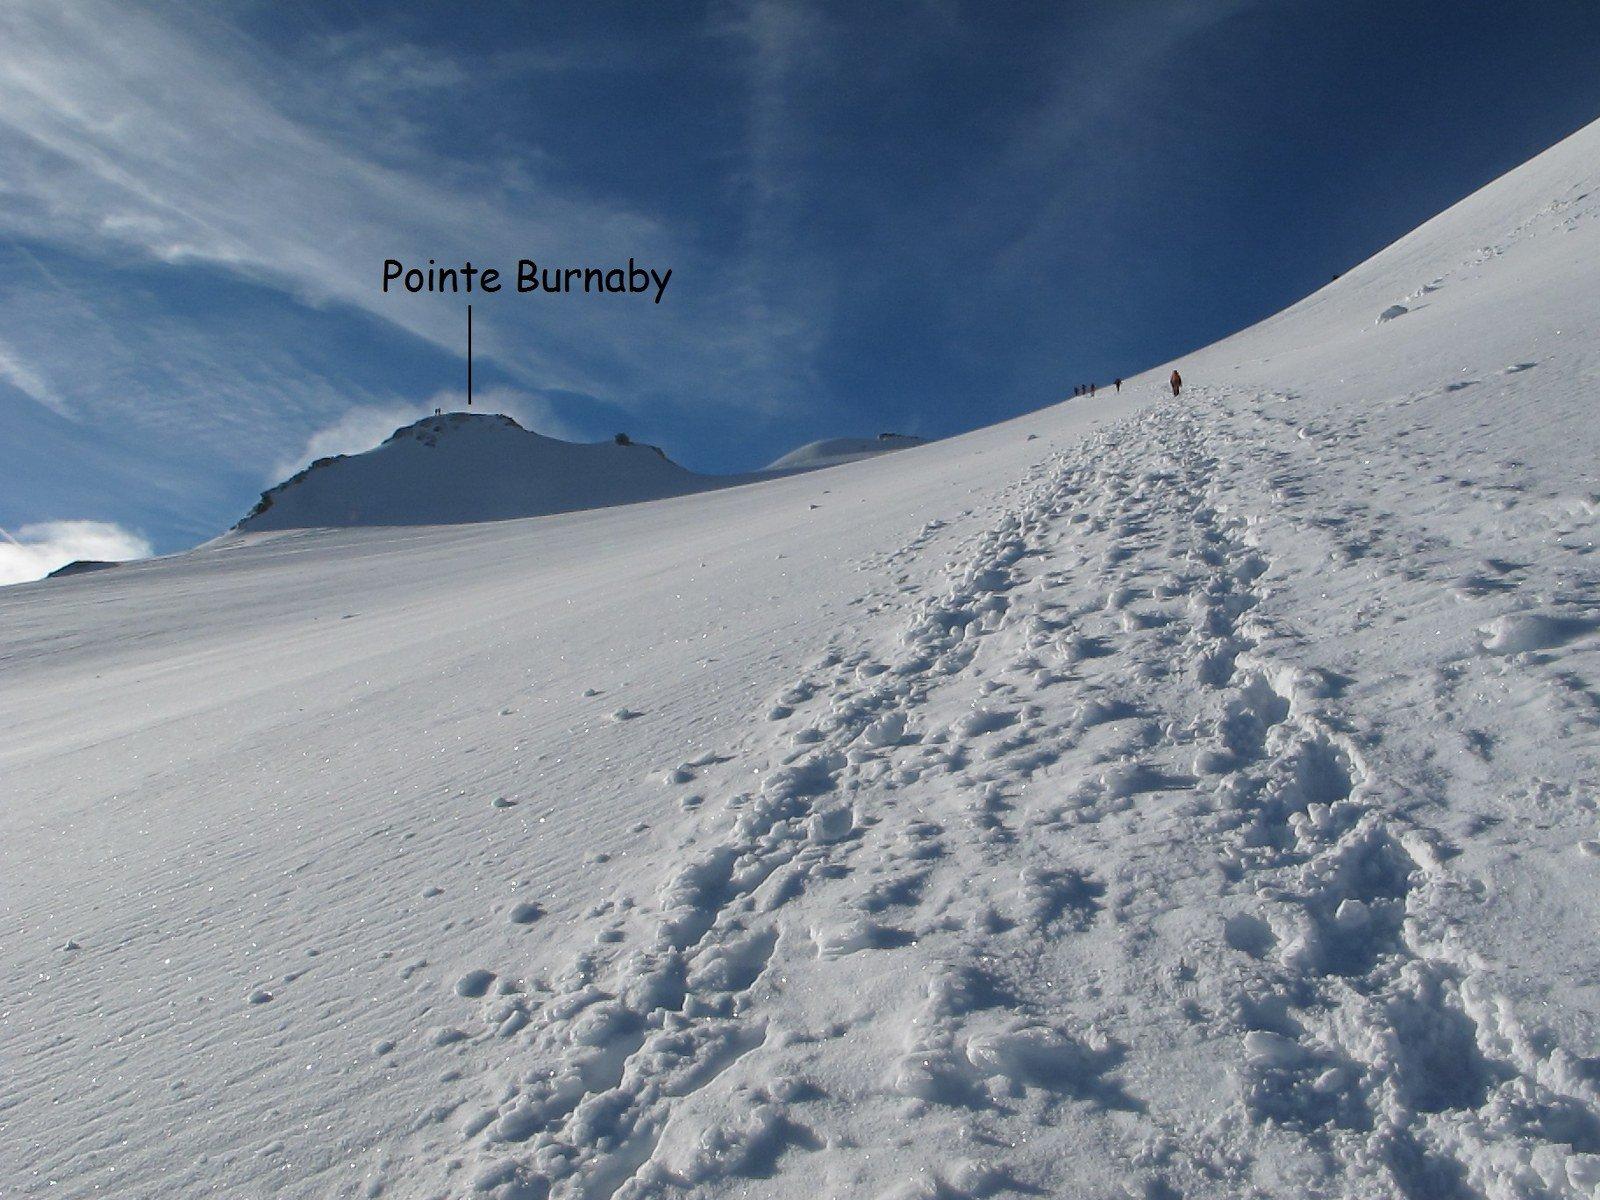 Pointe Burnaby